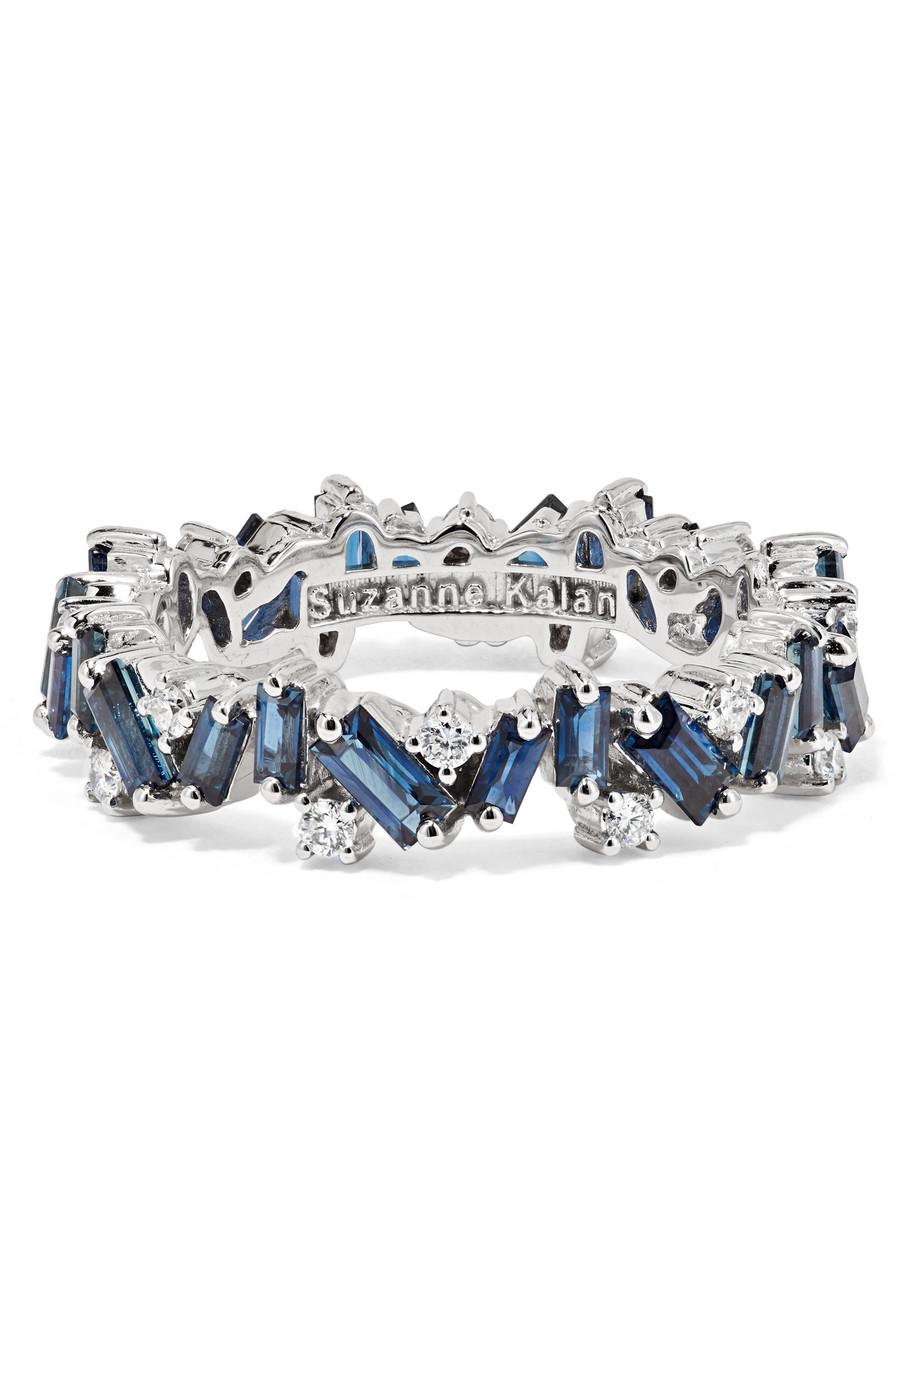 خاتم من الماس والياقوت من سوزان كالان Suzanne Kalan